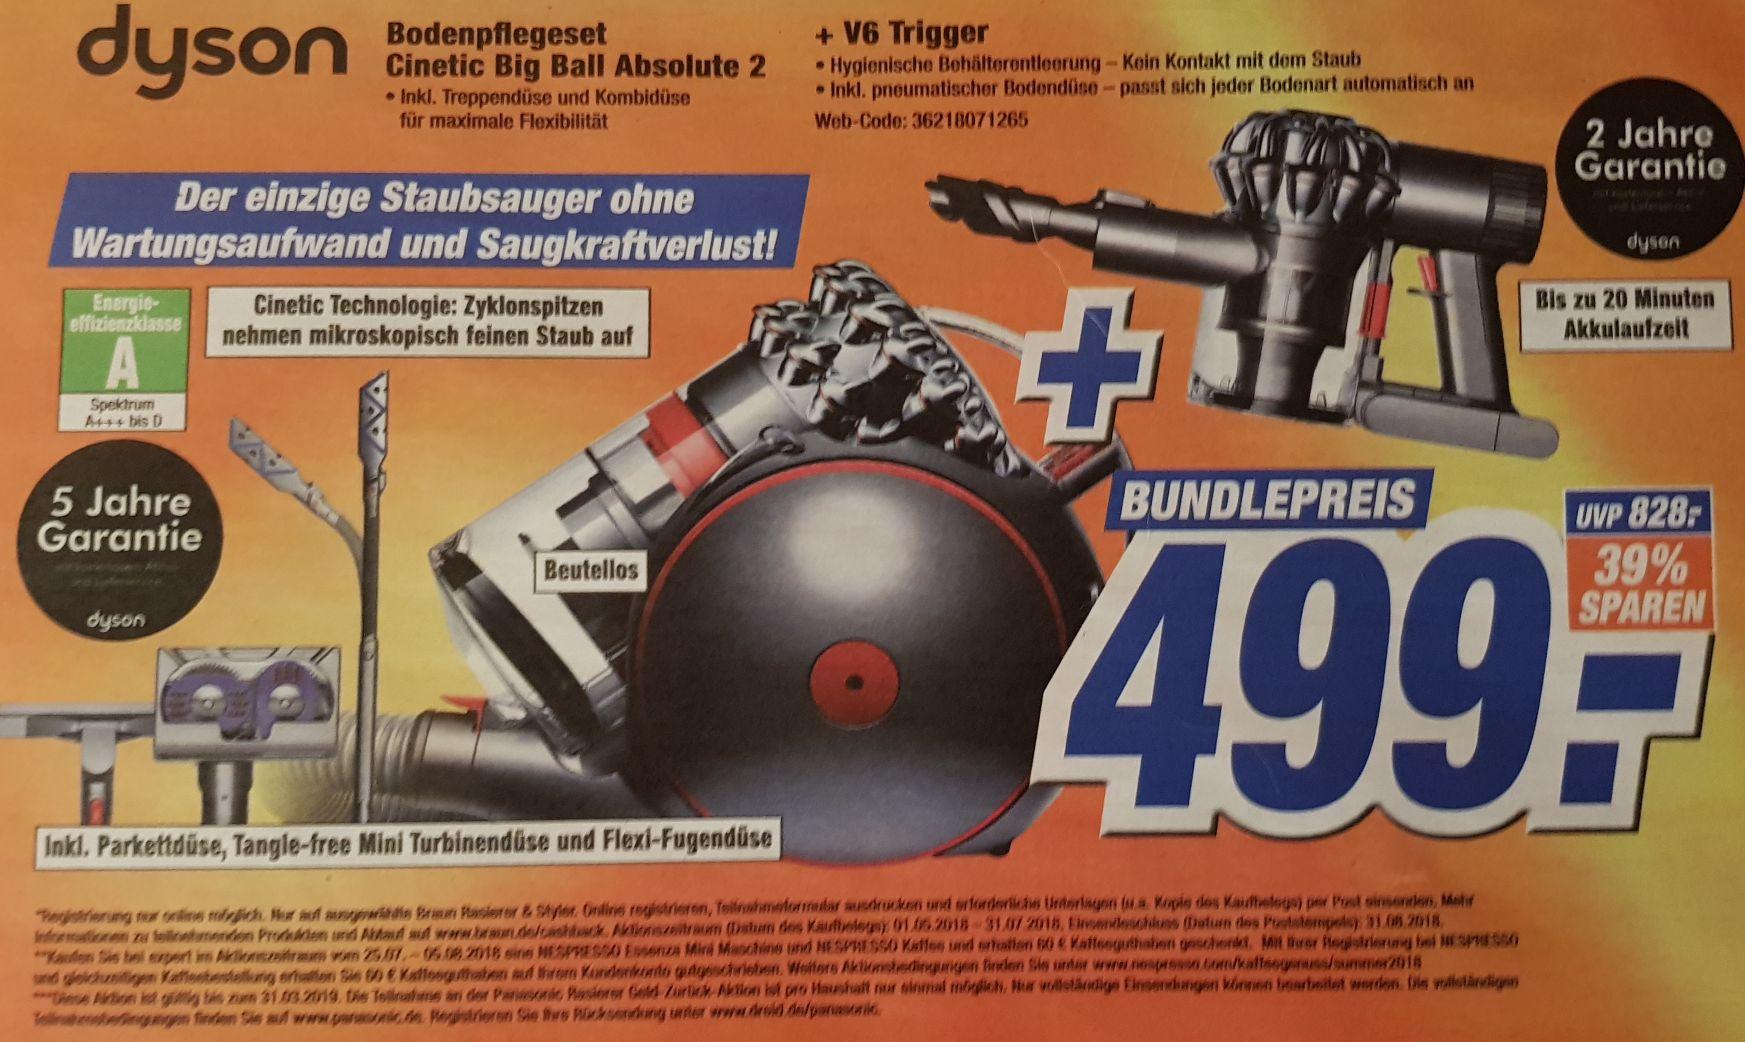 BUNDLE CINETIC BIG BALL ABSOLUT